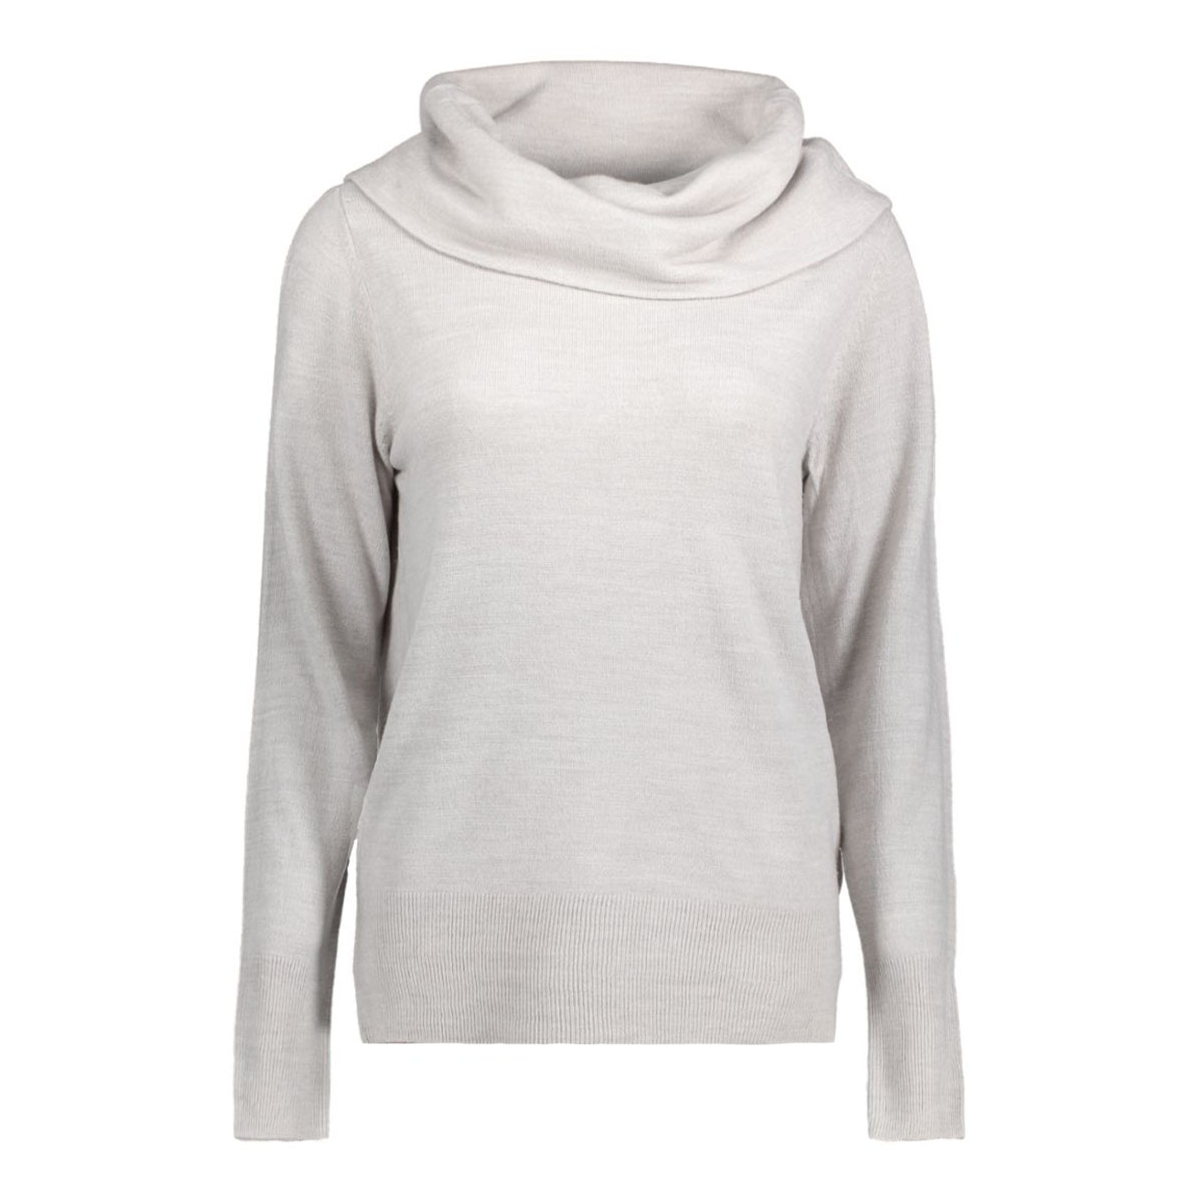 jdybellami  off shoulder pullover k 15117557 jacqueline de yong trui light grey melange